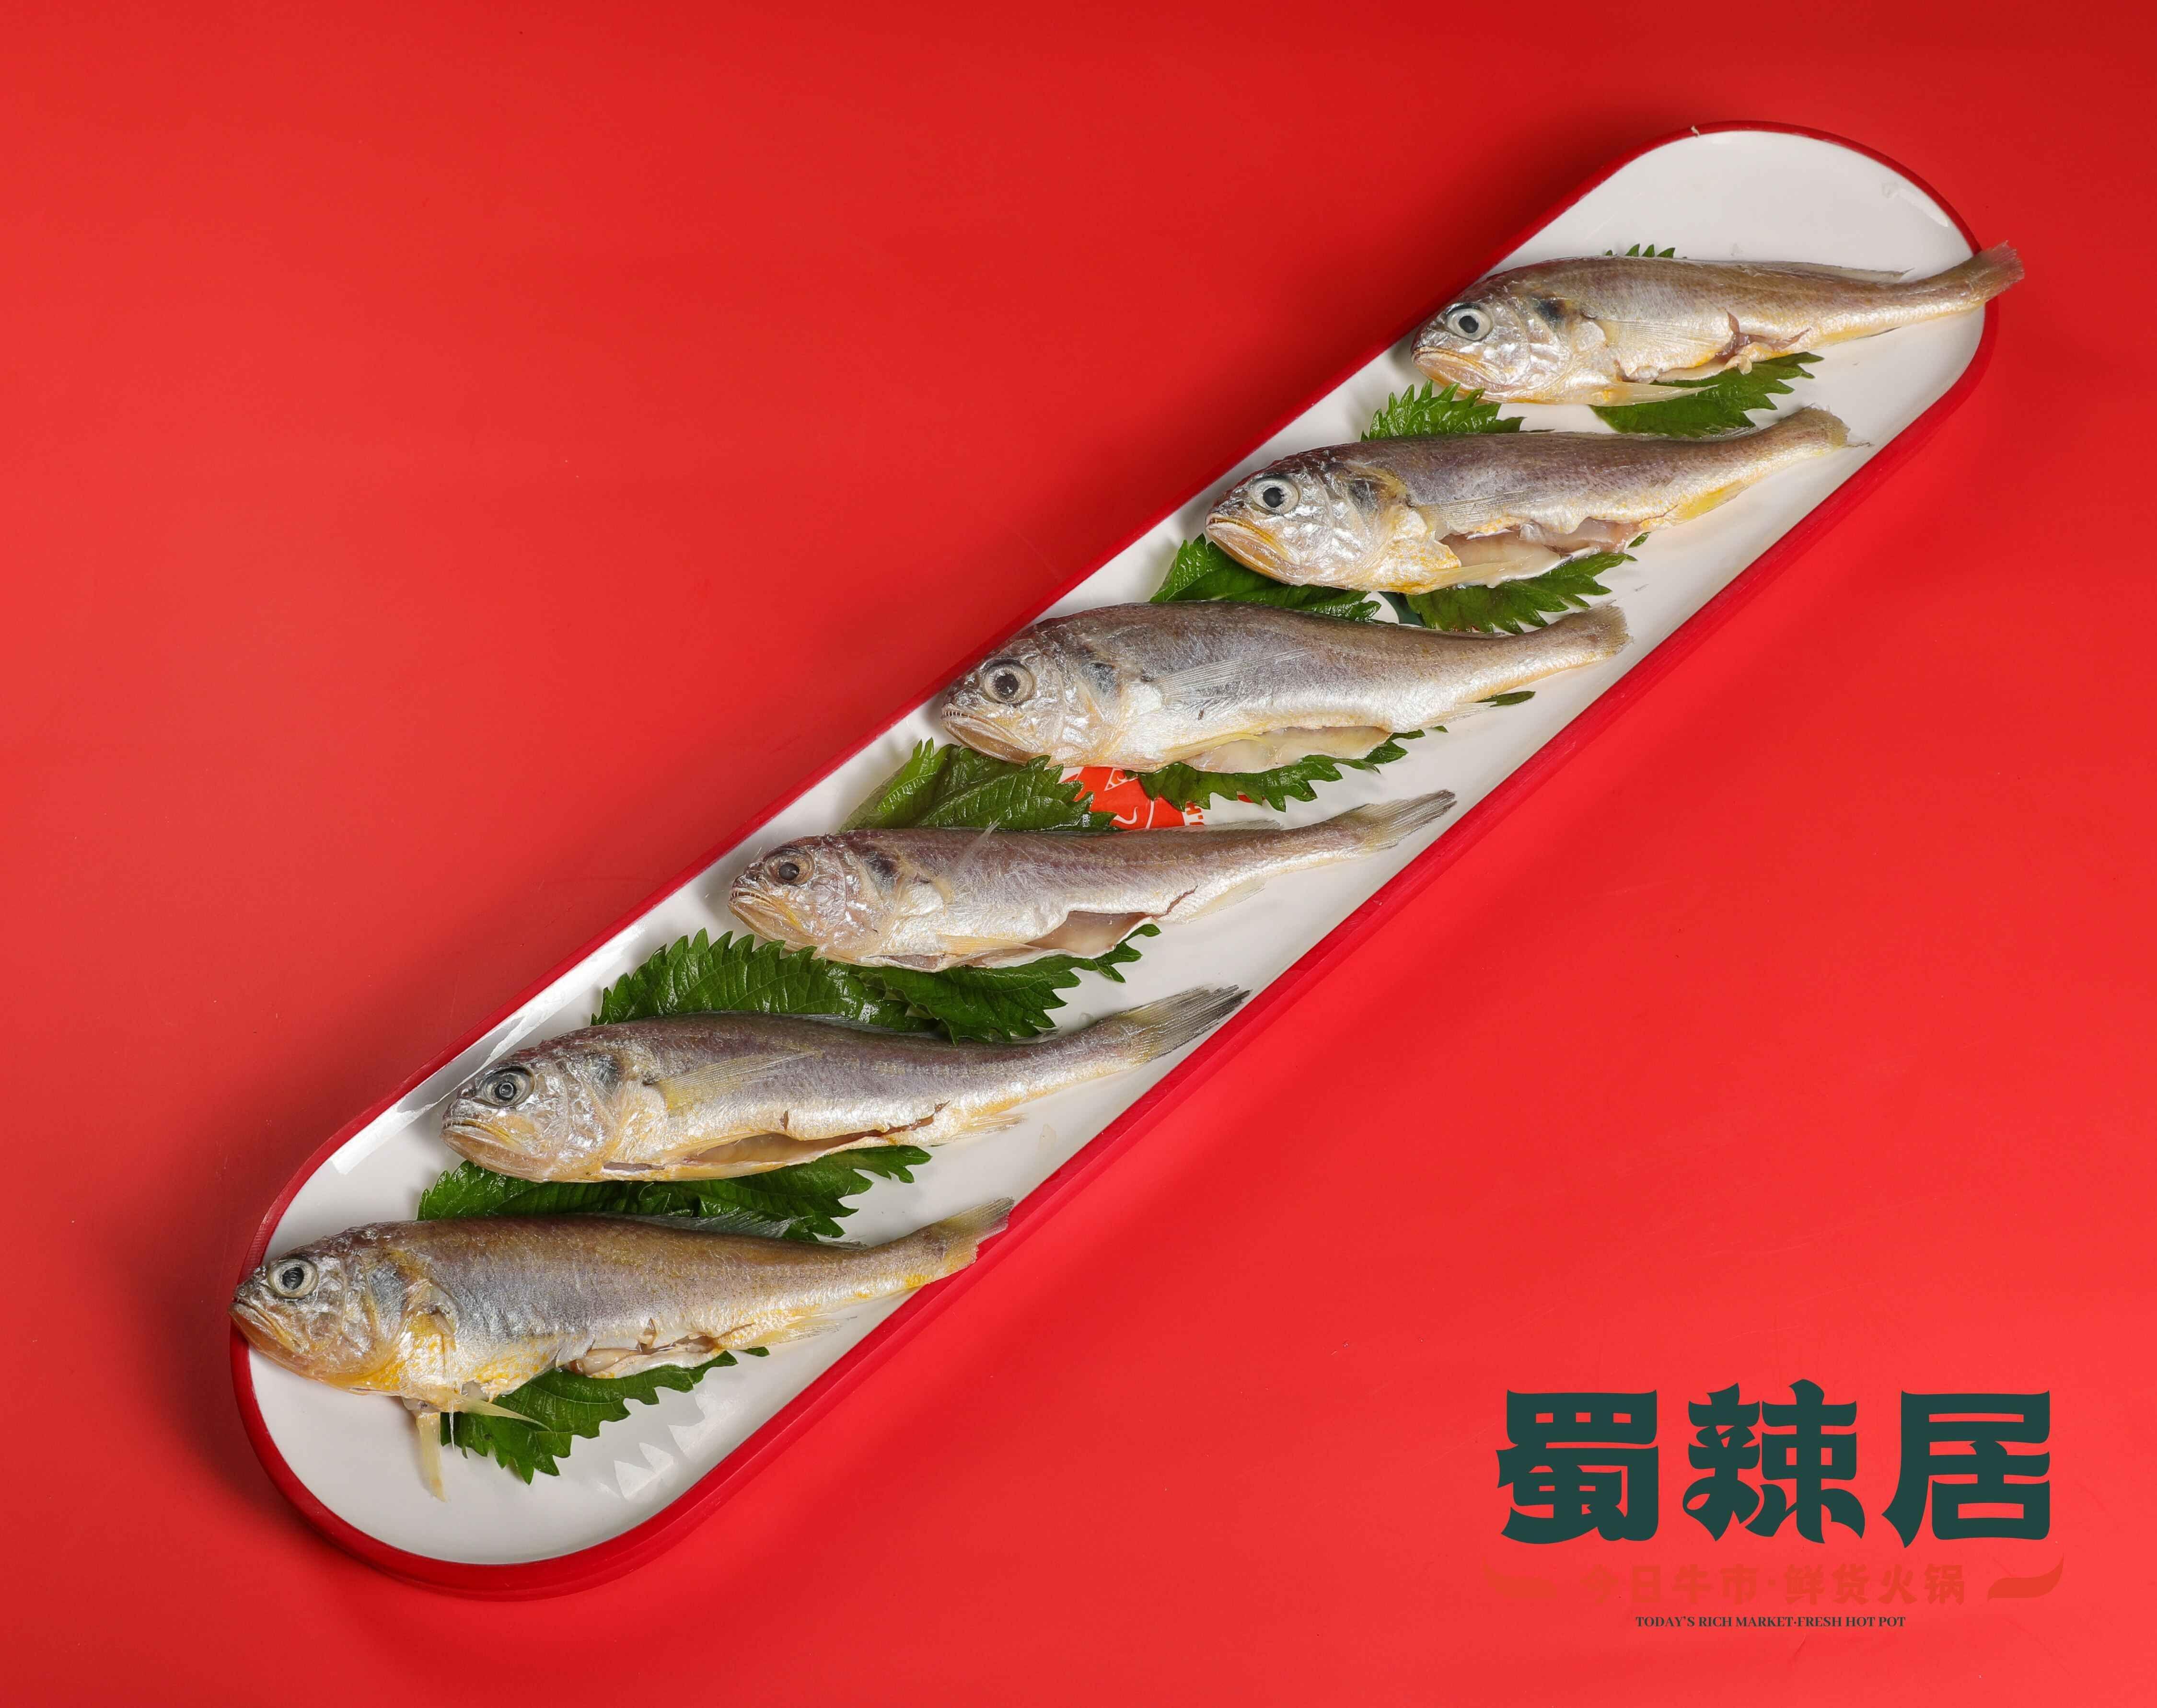 蜀辣居火锅新菜品:深海小黄鱼